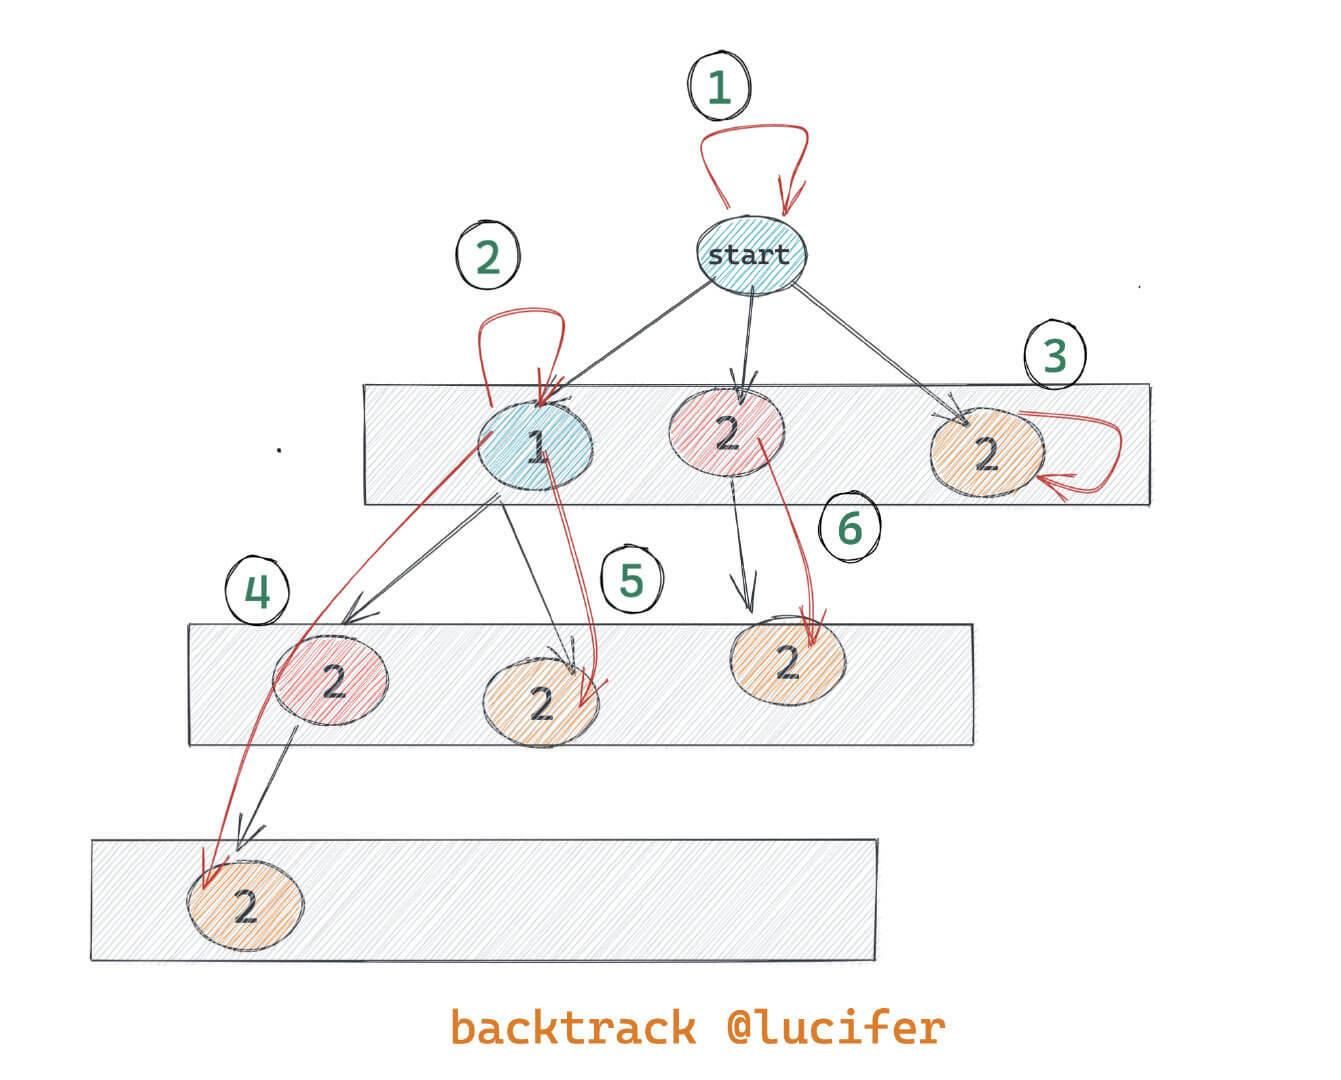 LeetCode 113. 路径总和 II